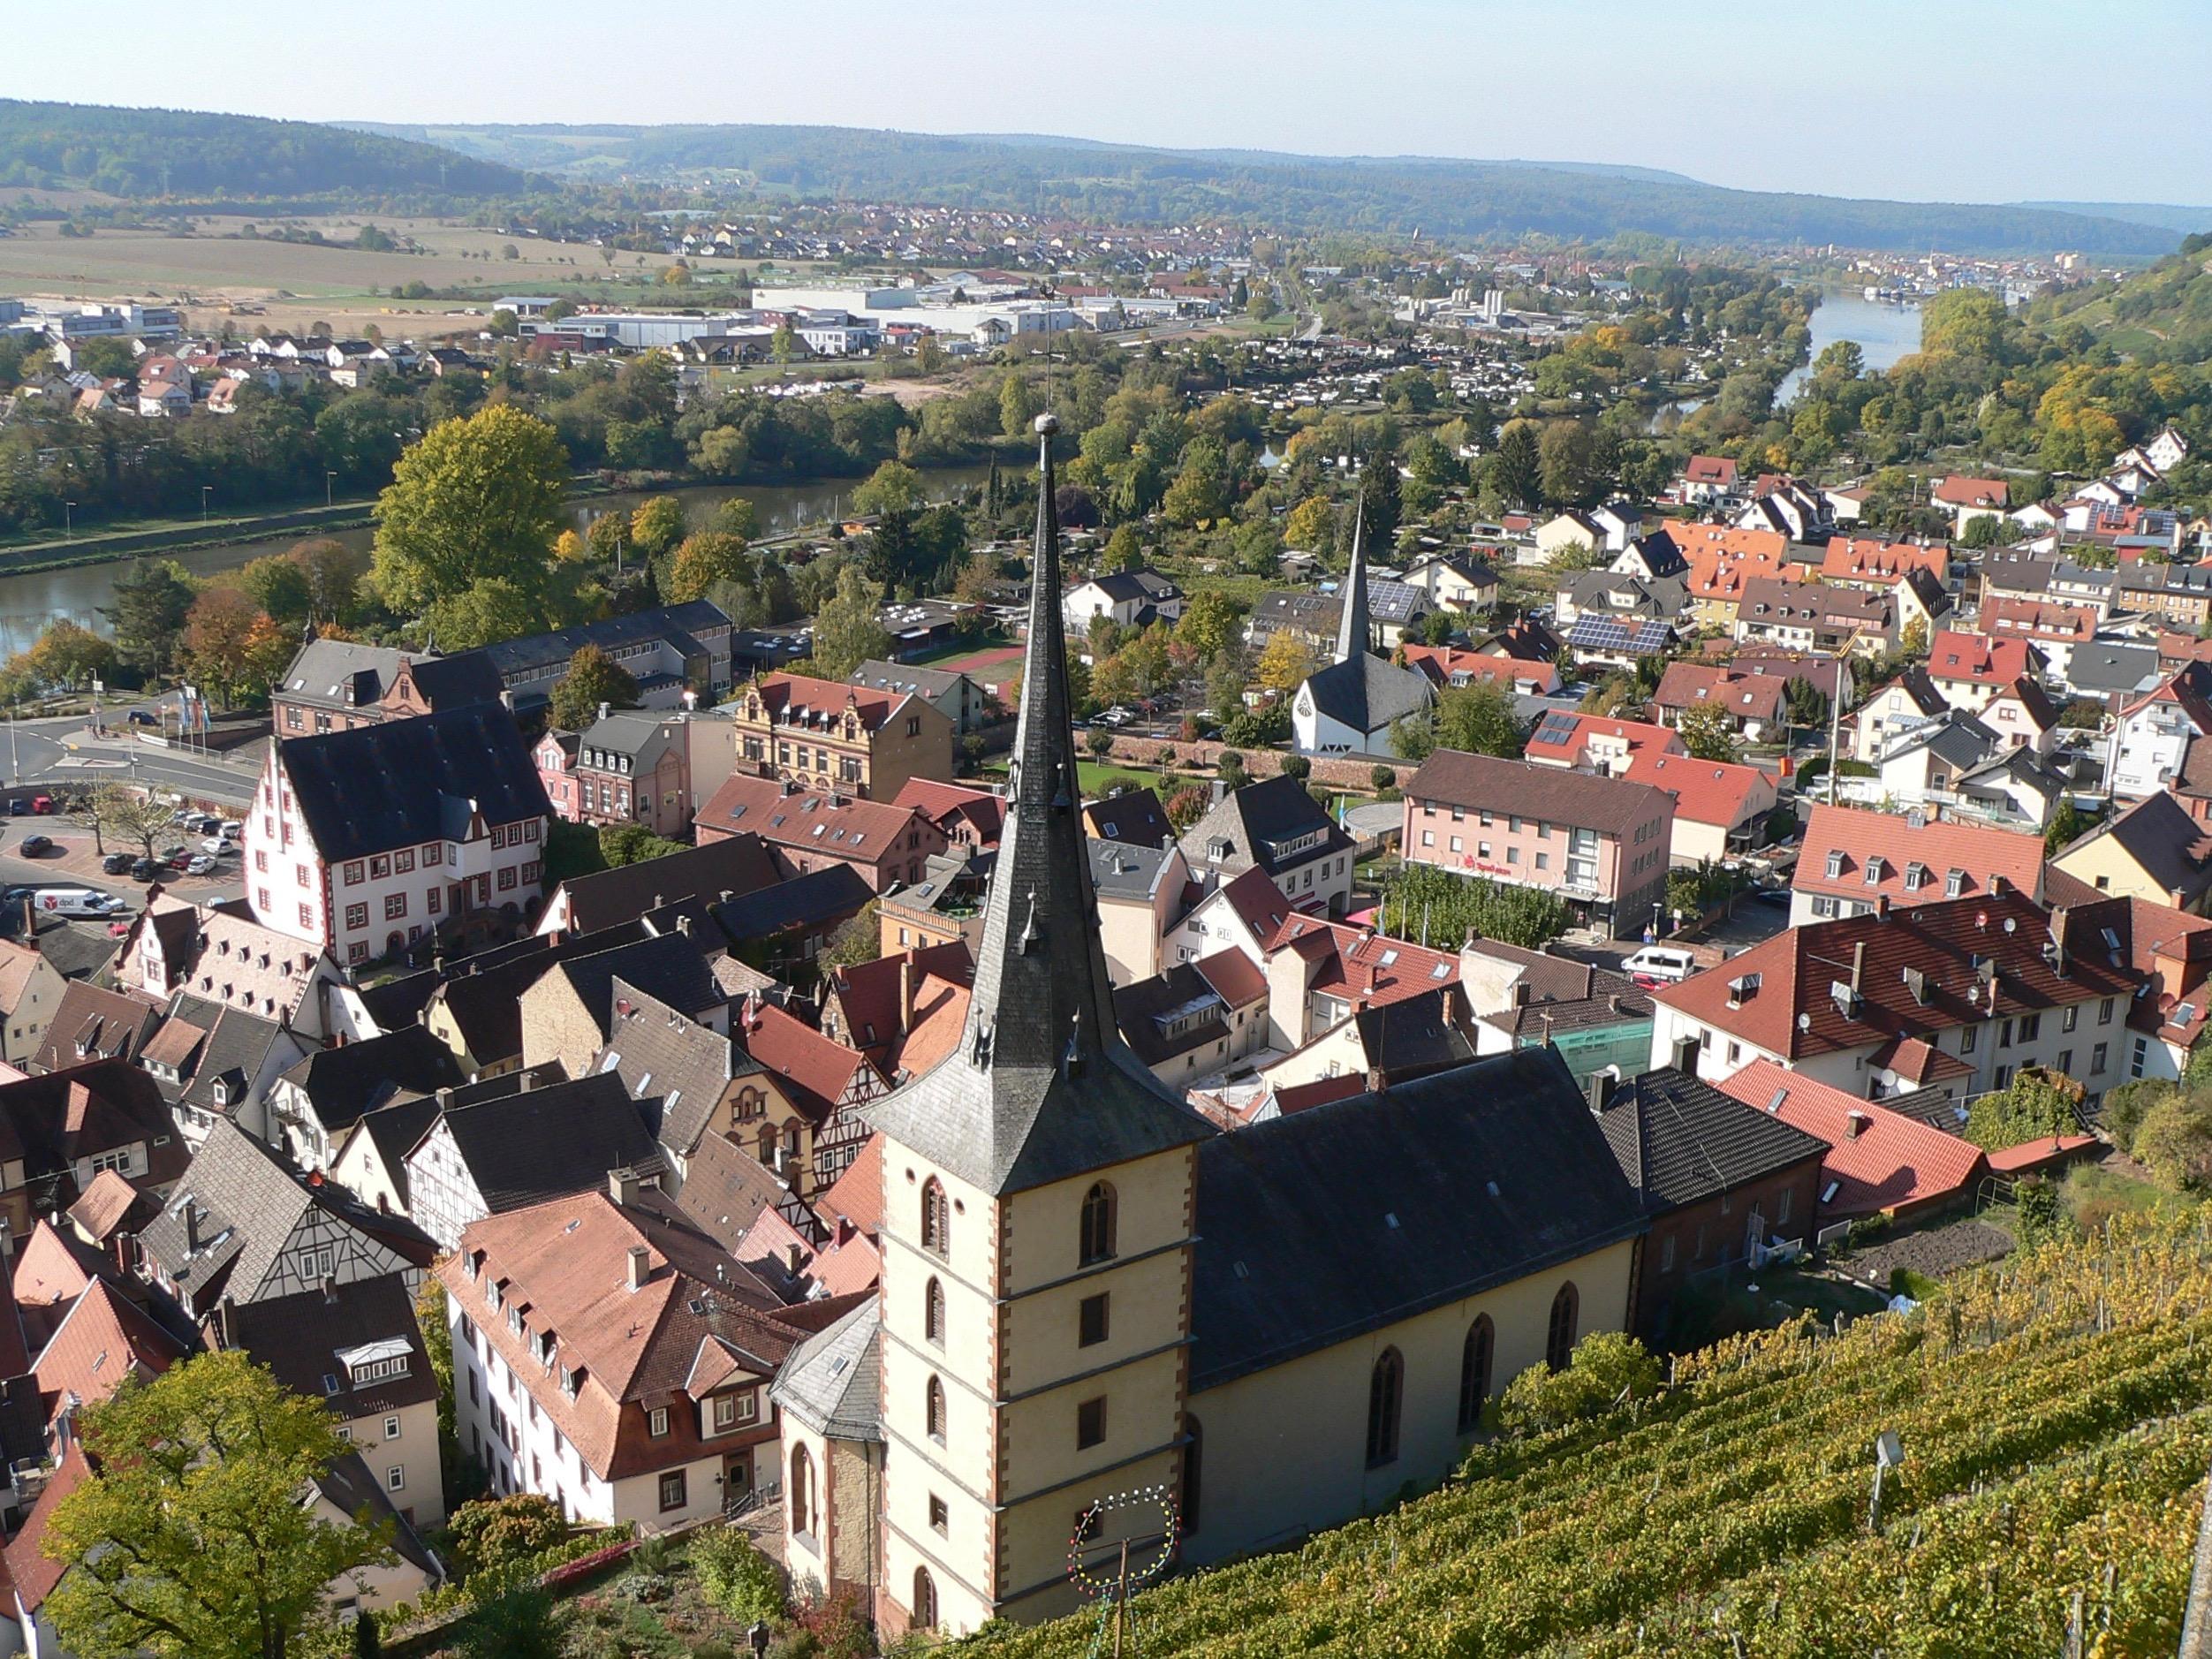 Unterhalb des Schlossbergs und der Clingenburg schmiegt sich die malerische Stadt Klingenberg ins Maintal. | Foto: B. Schneider